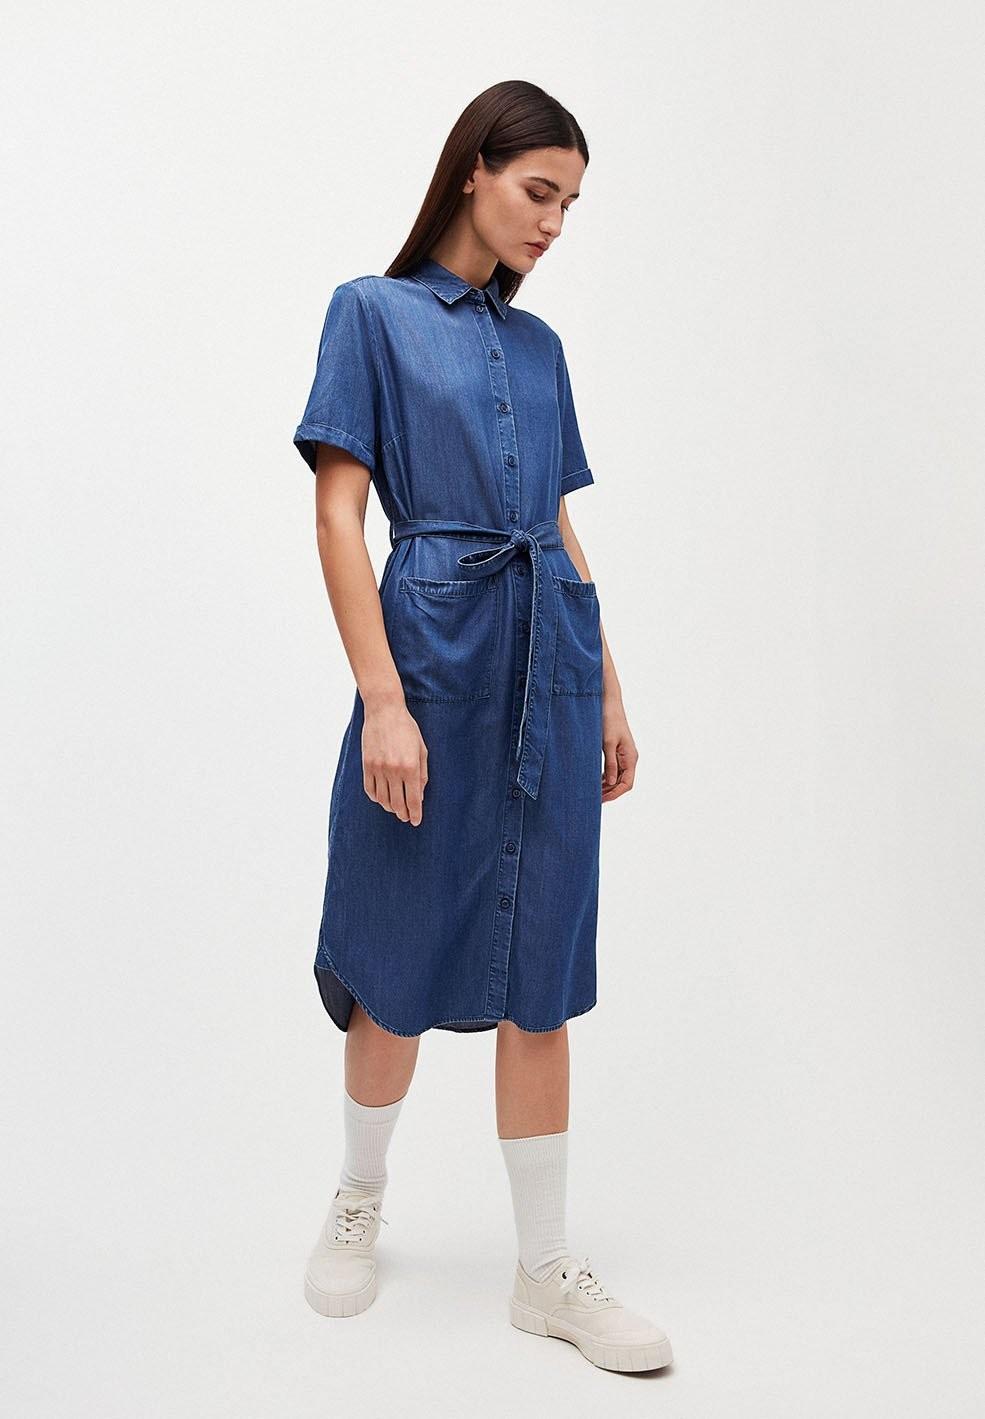 Robe col chemise bleu jean en tencel - maaisa - Armedangels